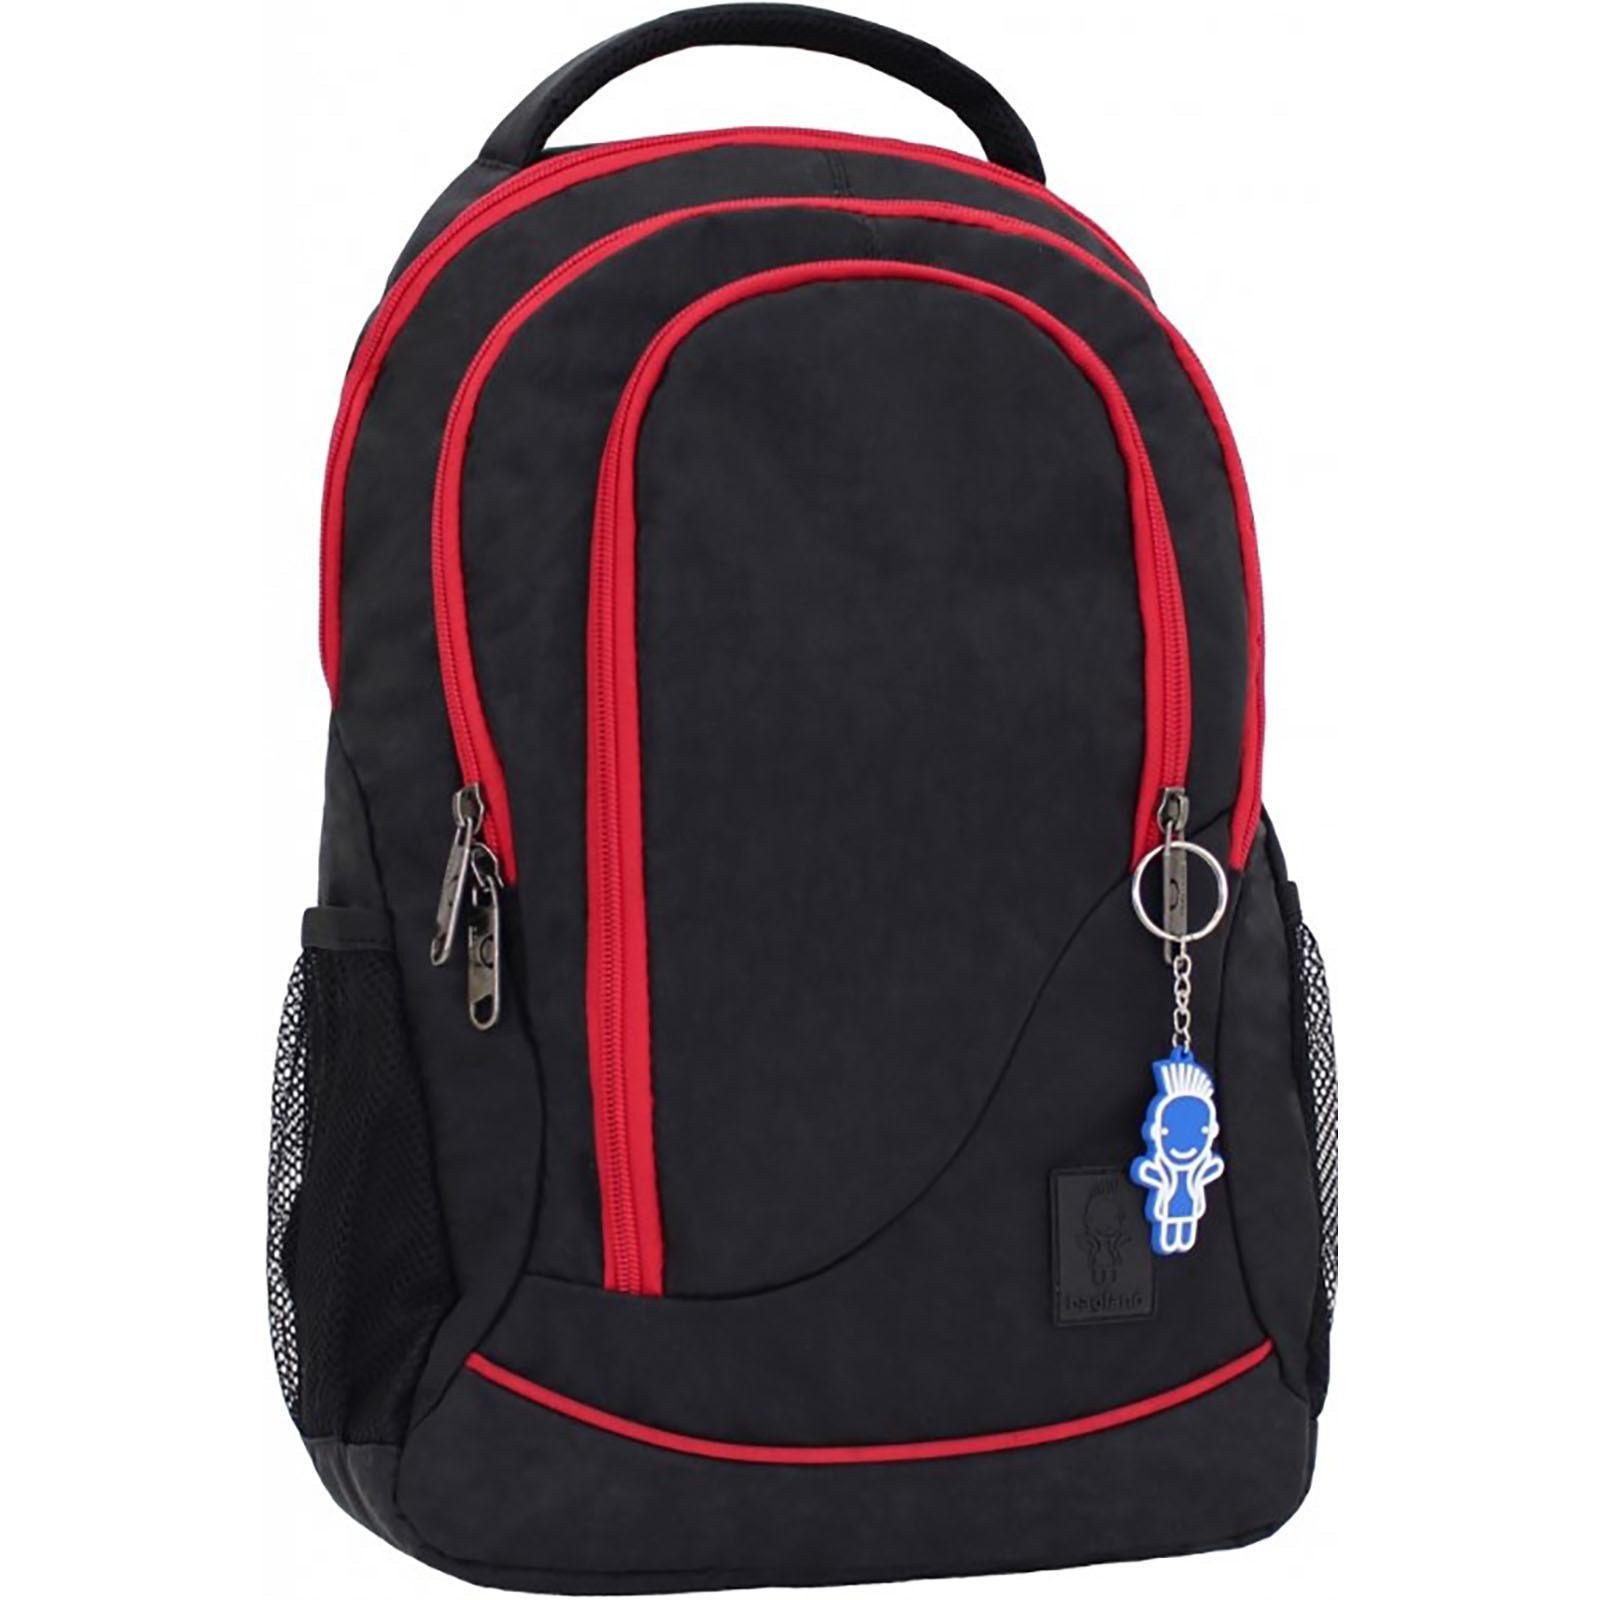 Городские рюкзаки Рюкзак Bagland Бис 21 л. Чёрный (0055670) Screenshot_1.jpg